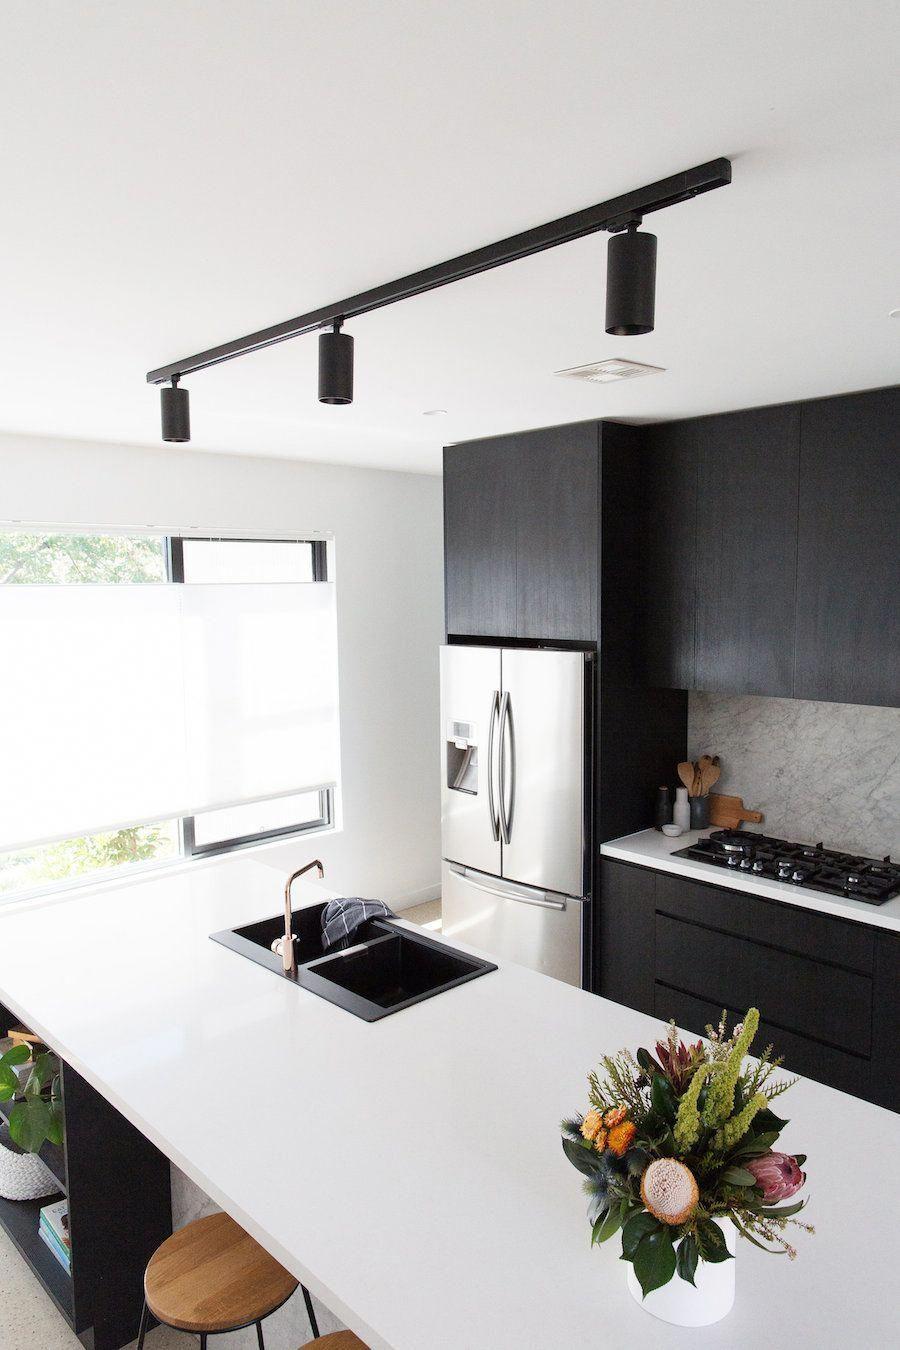 Black Track Light Kitchen Ceiling Luxurykitchen Modern Kitchen Lighting Kitchen Ceiling Lights Kitchen Table Lighting